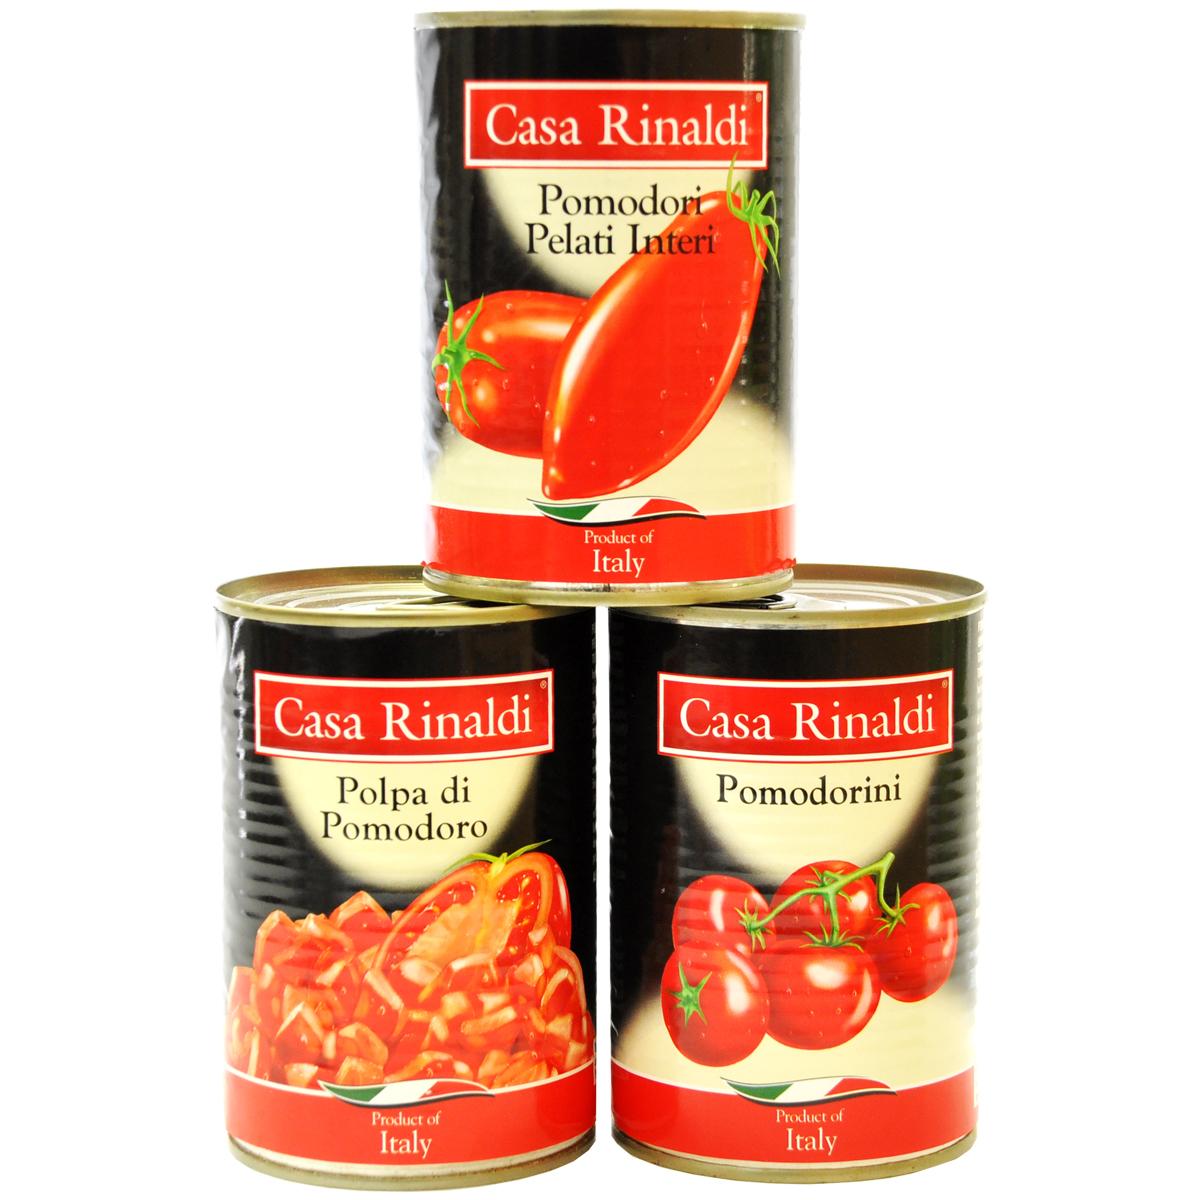 Помидоры Casa Rinaldi очищенные в собственном соку 400 г